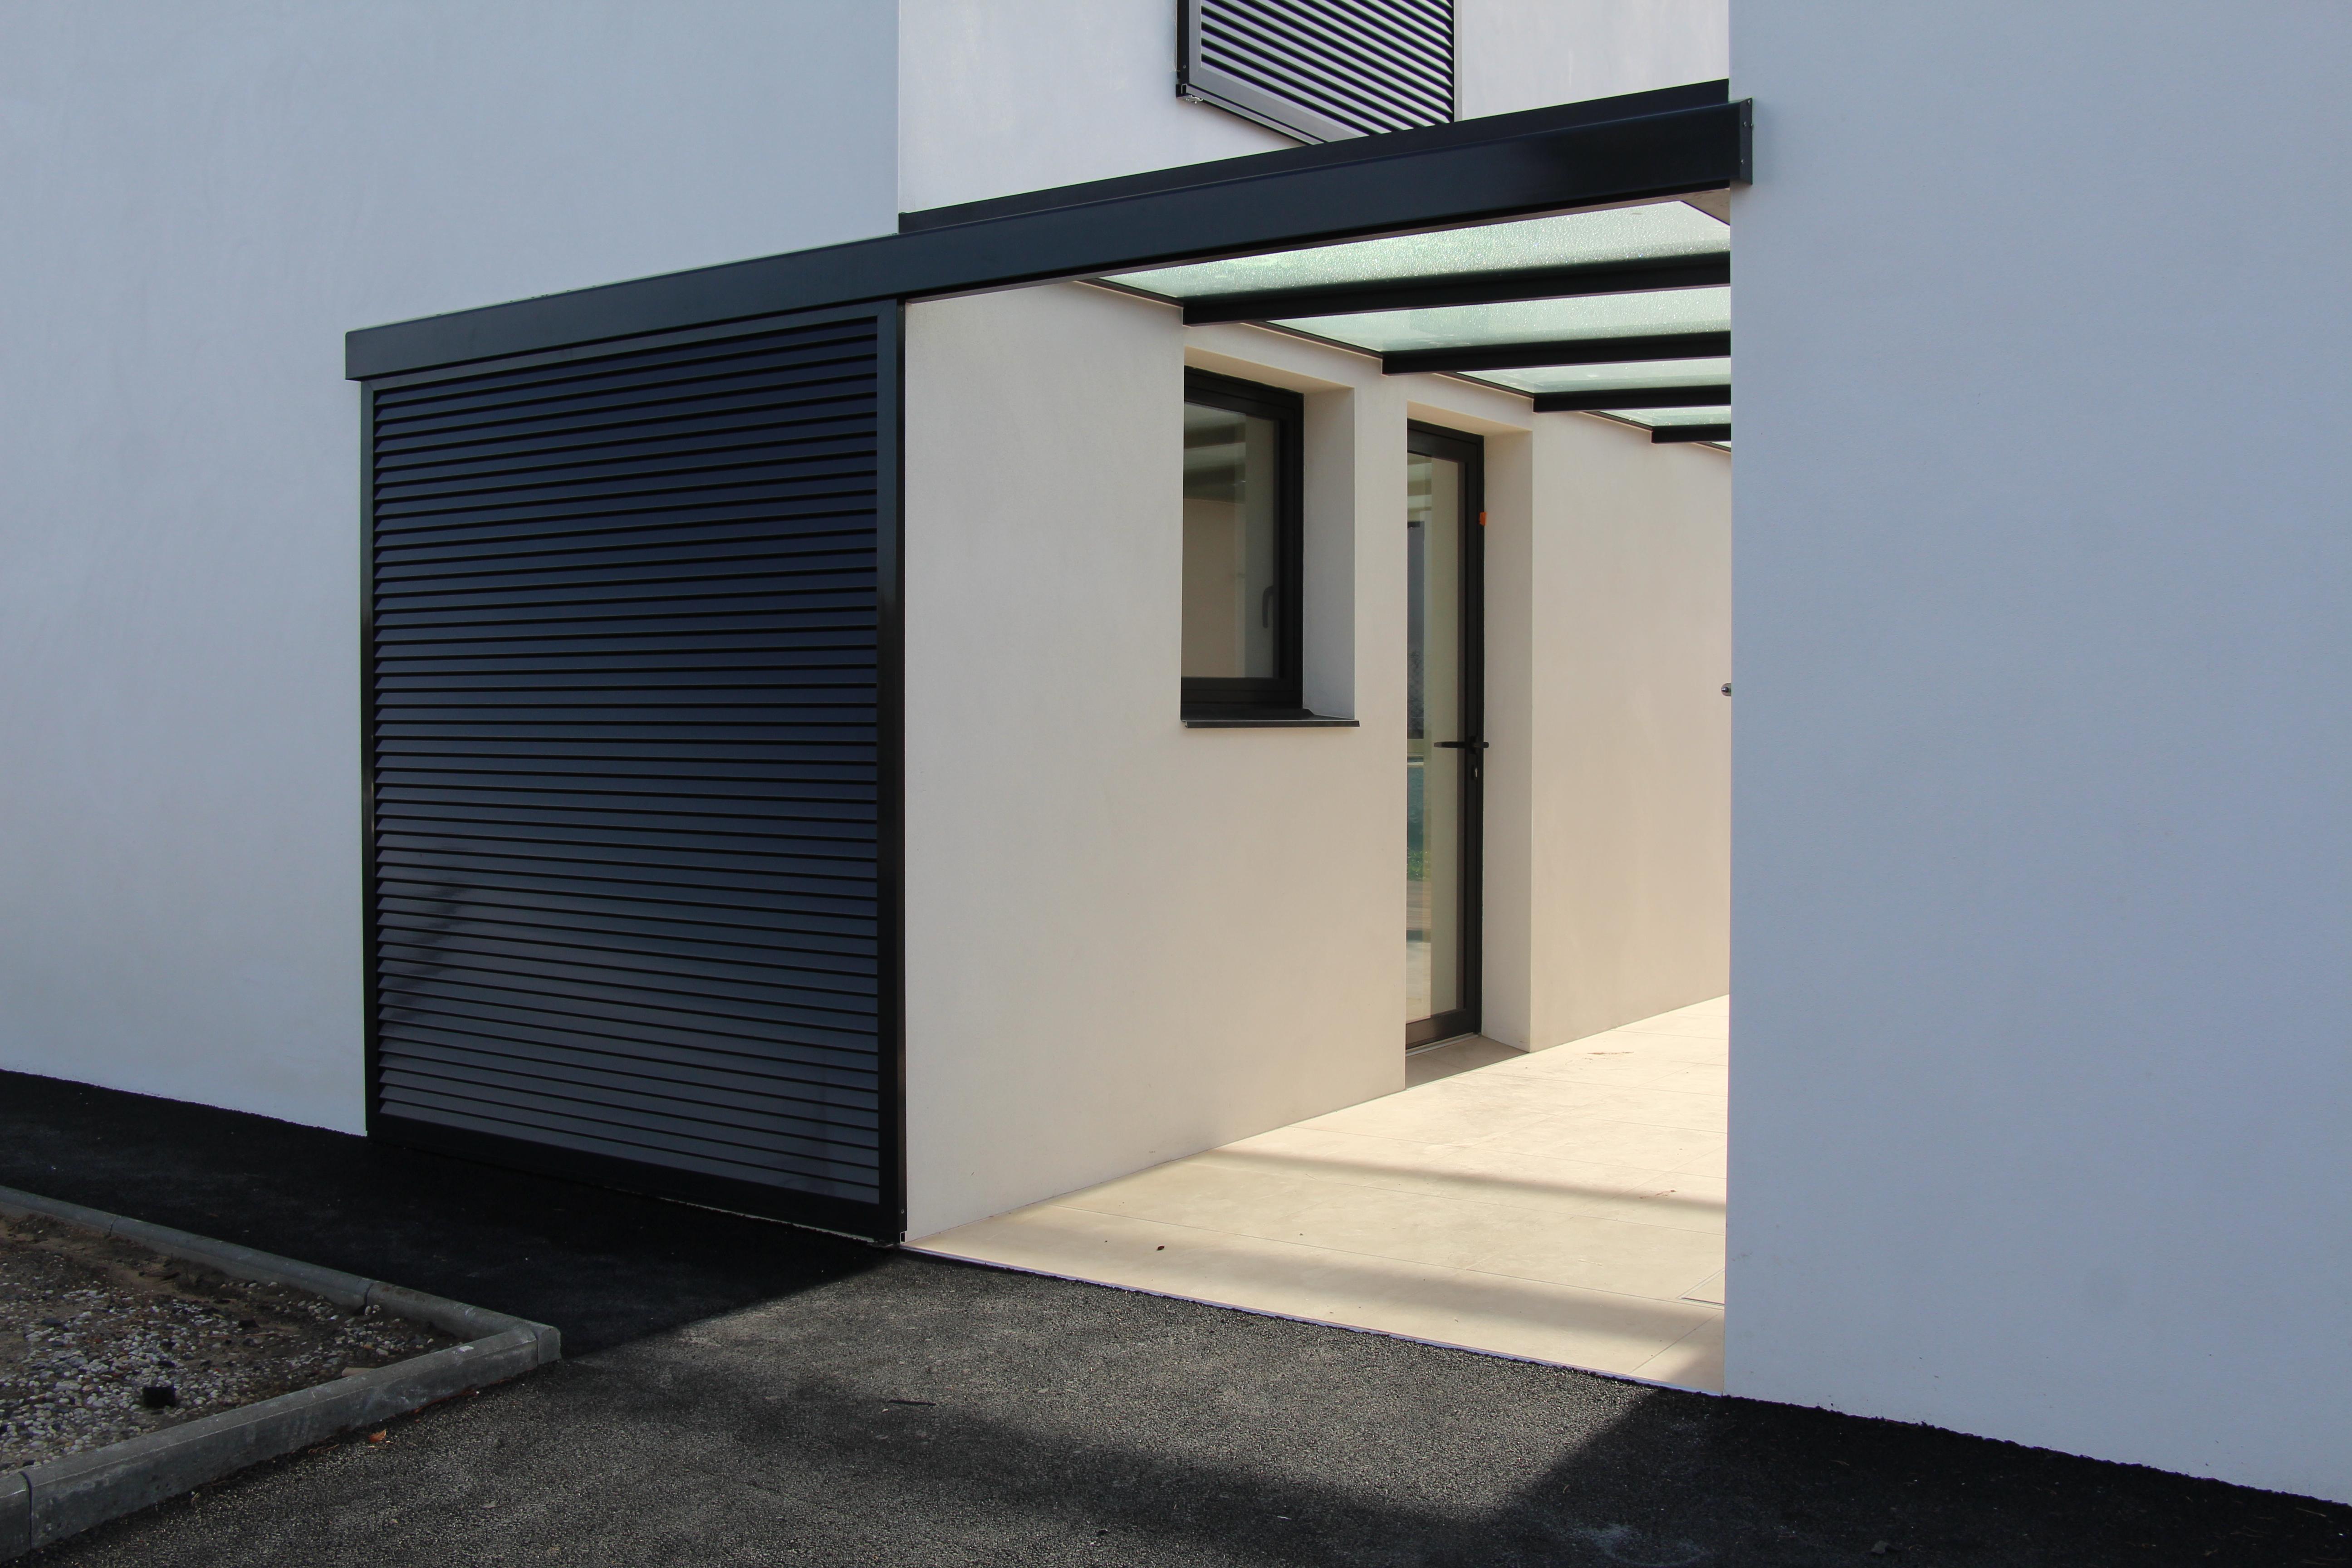 Maison écologique Anglet Architecte Pays Basque Maison Anglet Gwenael Stephan